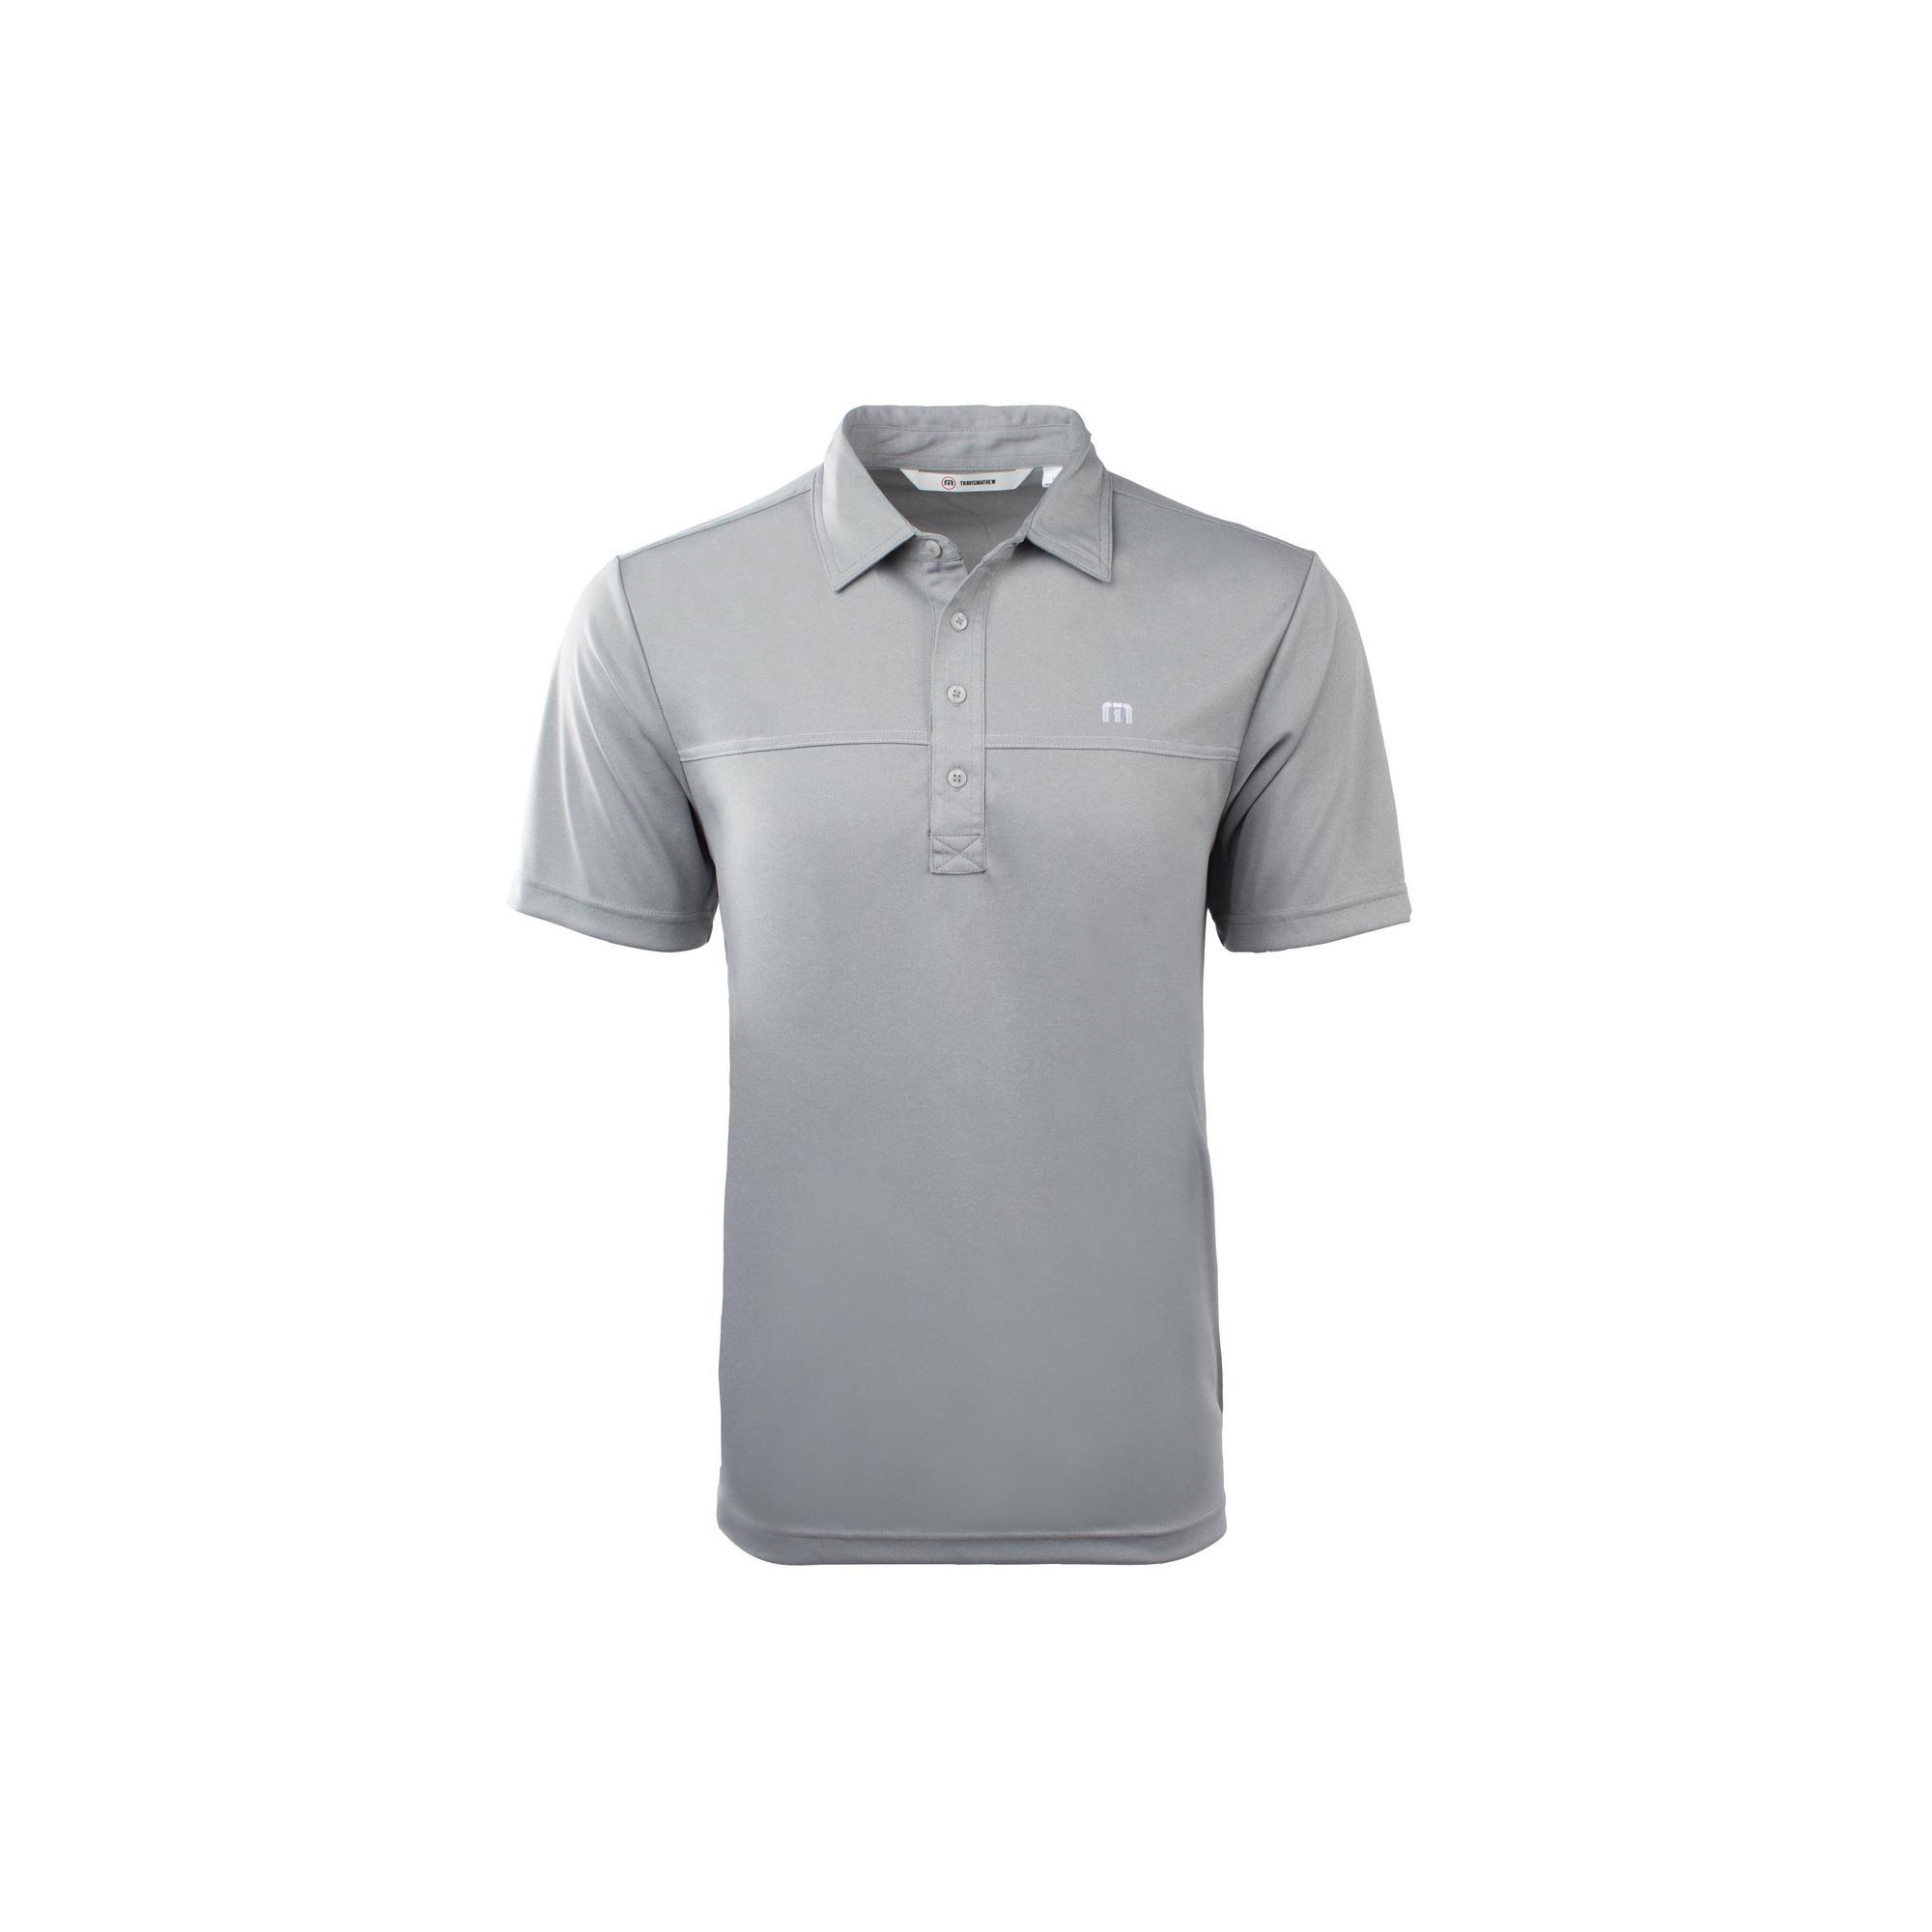 Men's Player Special Short Sleeve Shirt